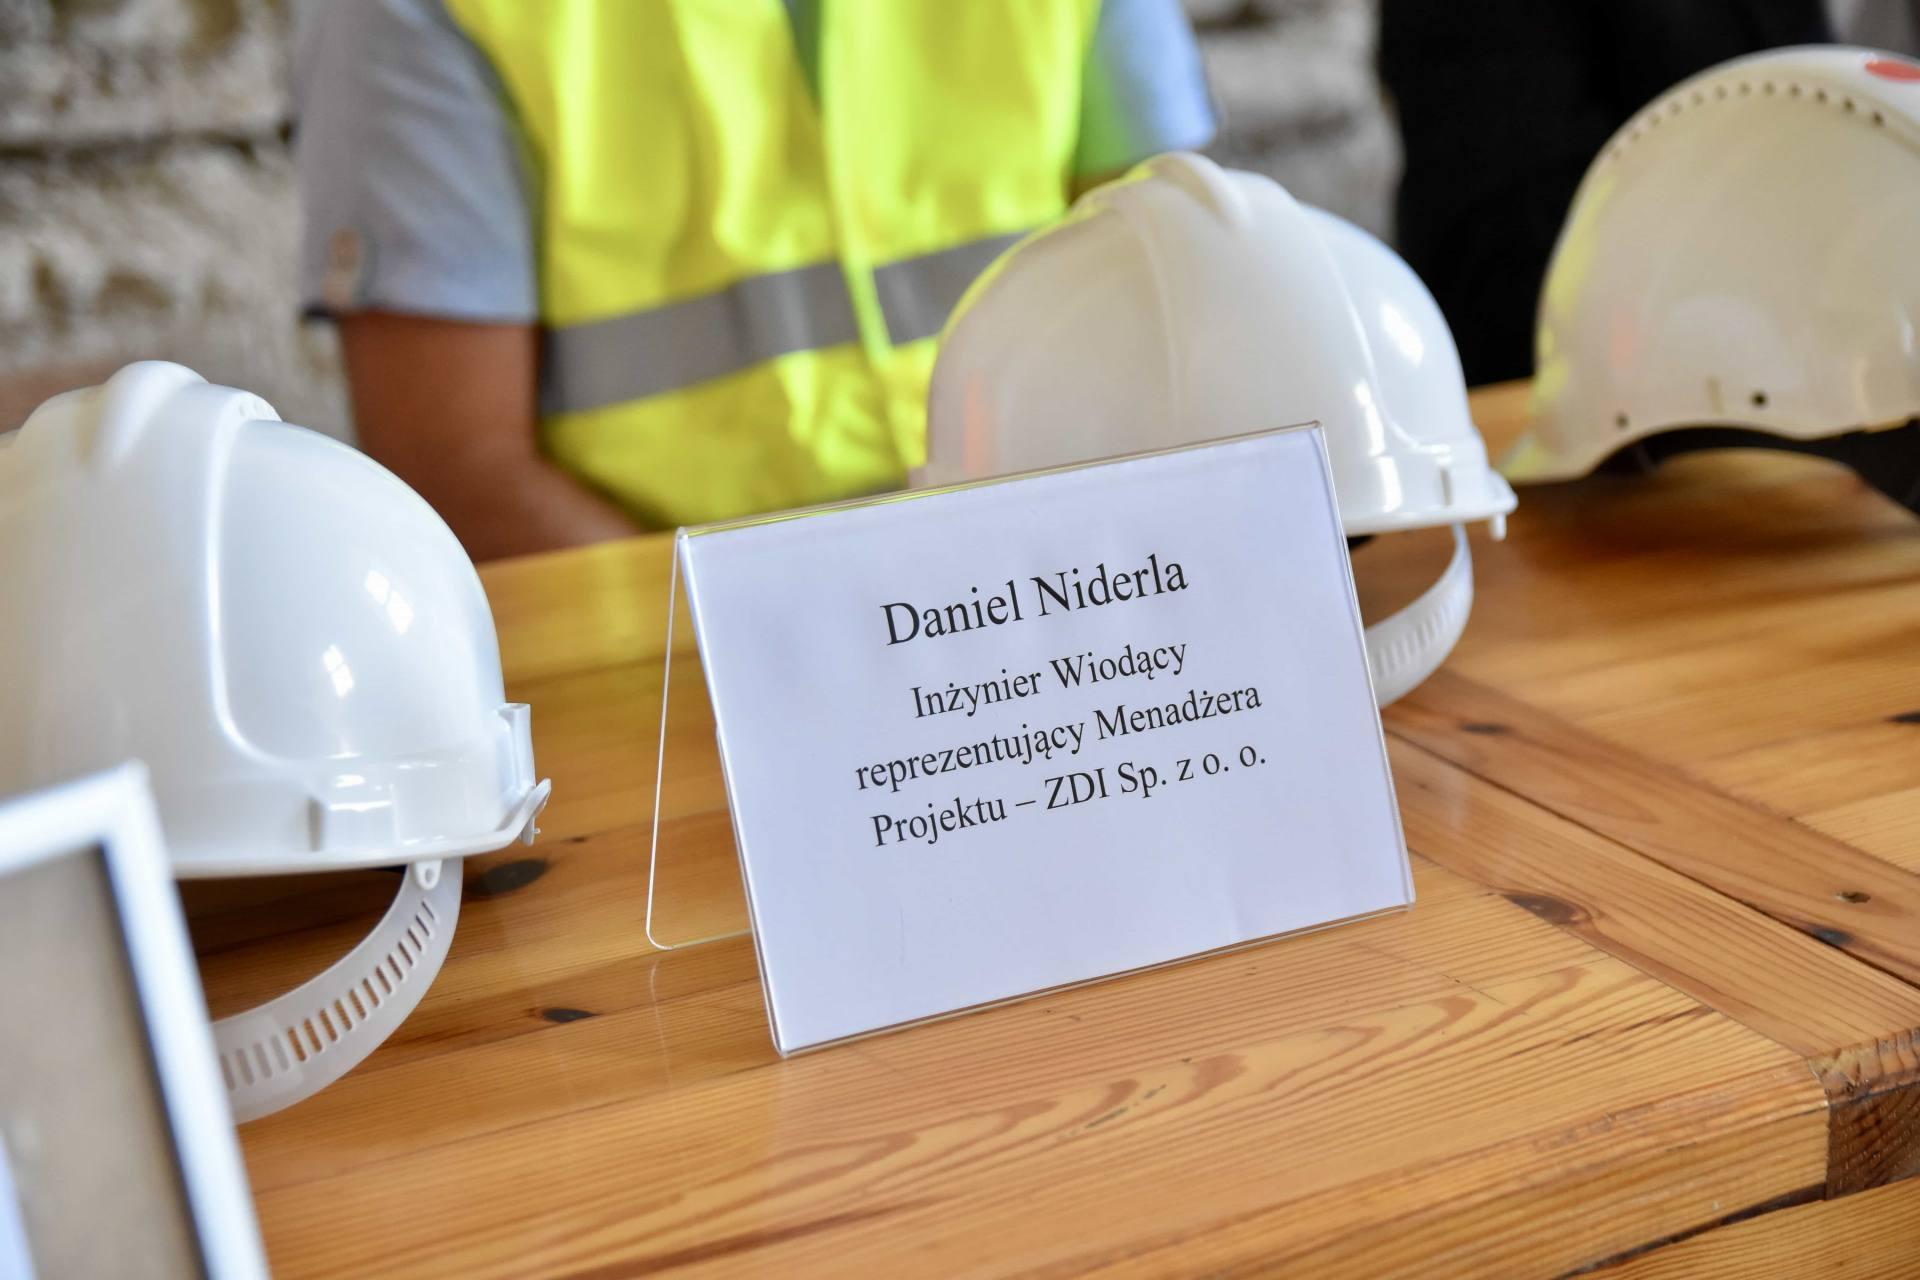 dsc 9921 ZAMOŚĆ: Wznowiono roboty budowlane i prace konserwatorskie w obiekcie Akademii Zamojskiej [ZDJĘCIA]